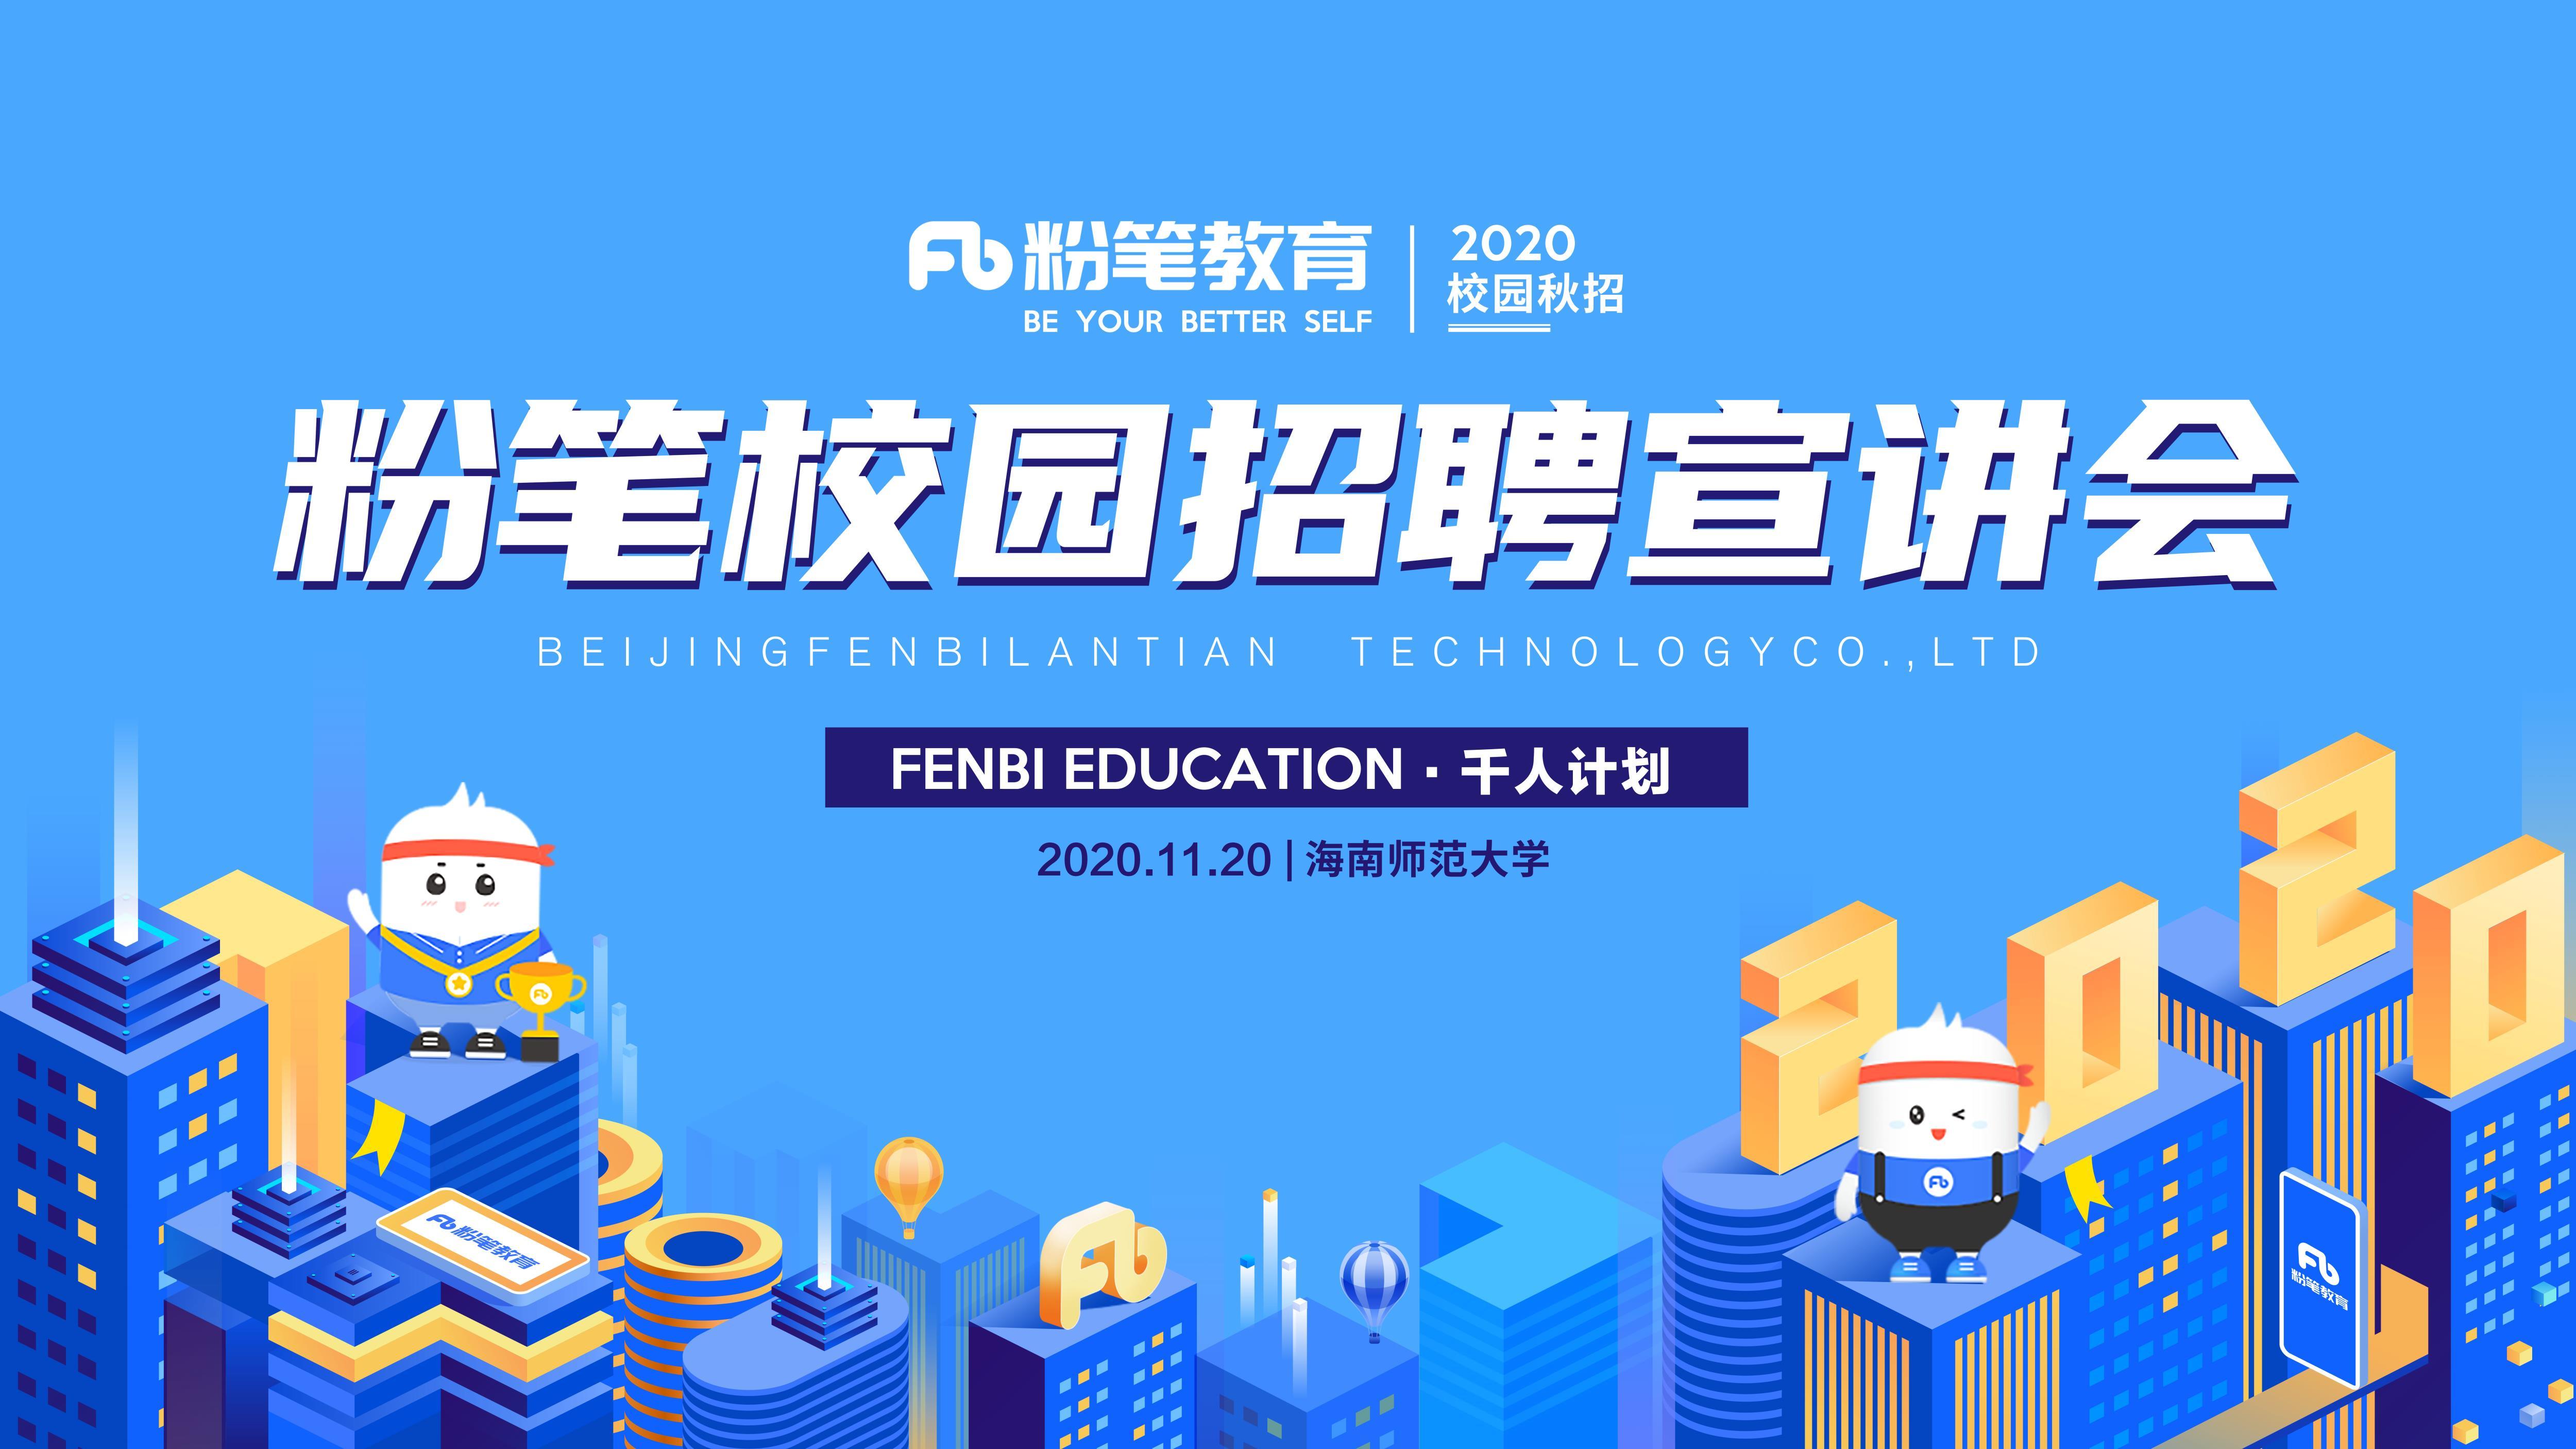 北京粉笔天下教育科技有限公司贵阳分公司宣讲会